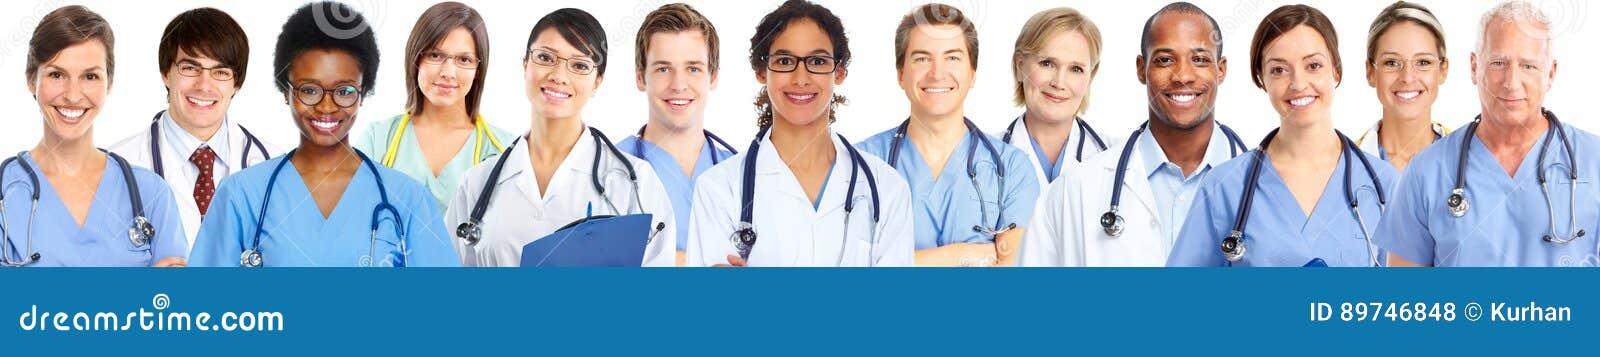 Grupp av medicinska doktorer